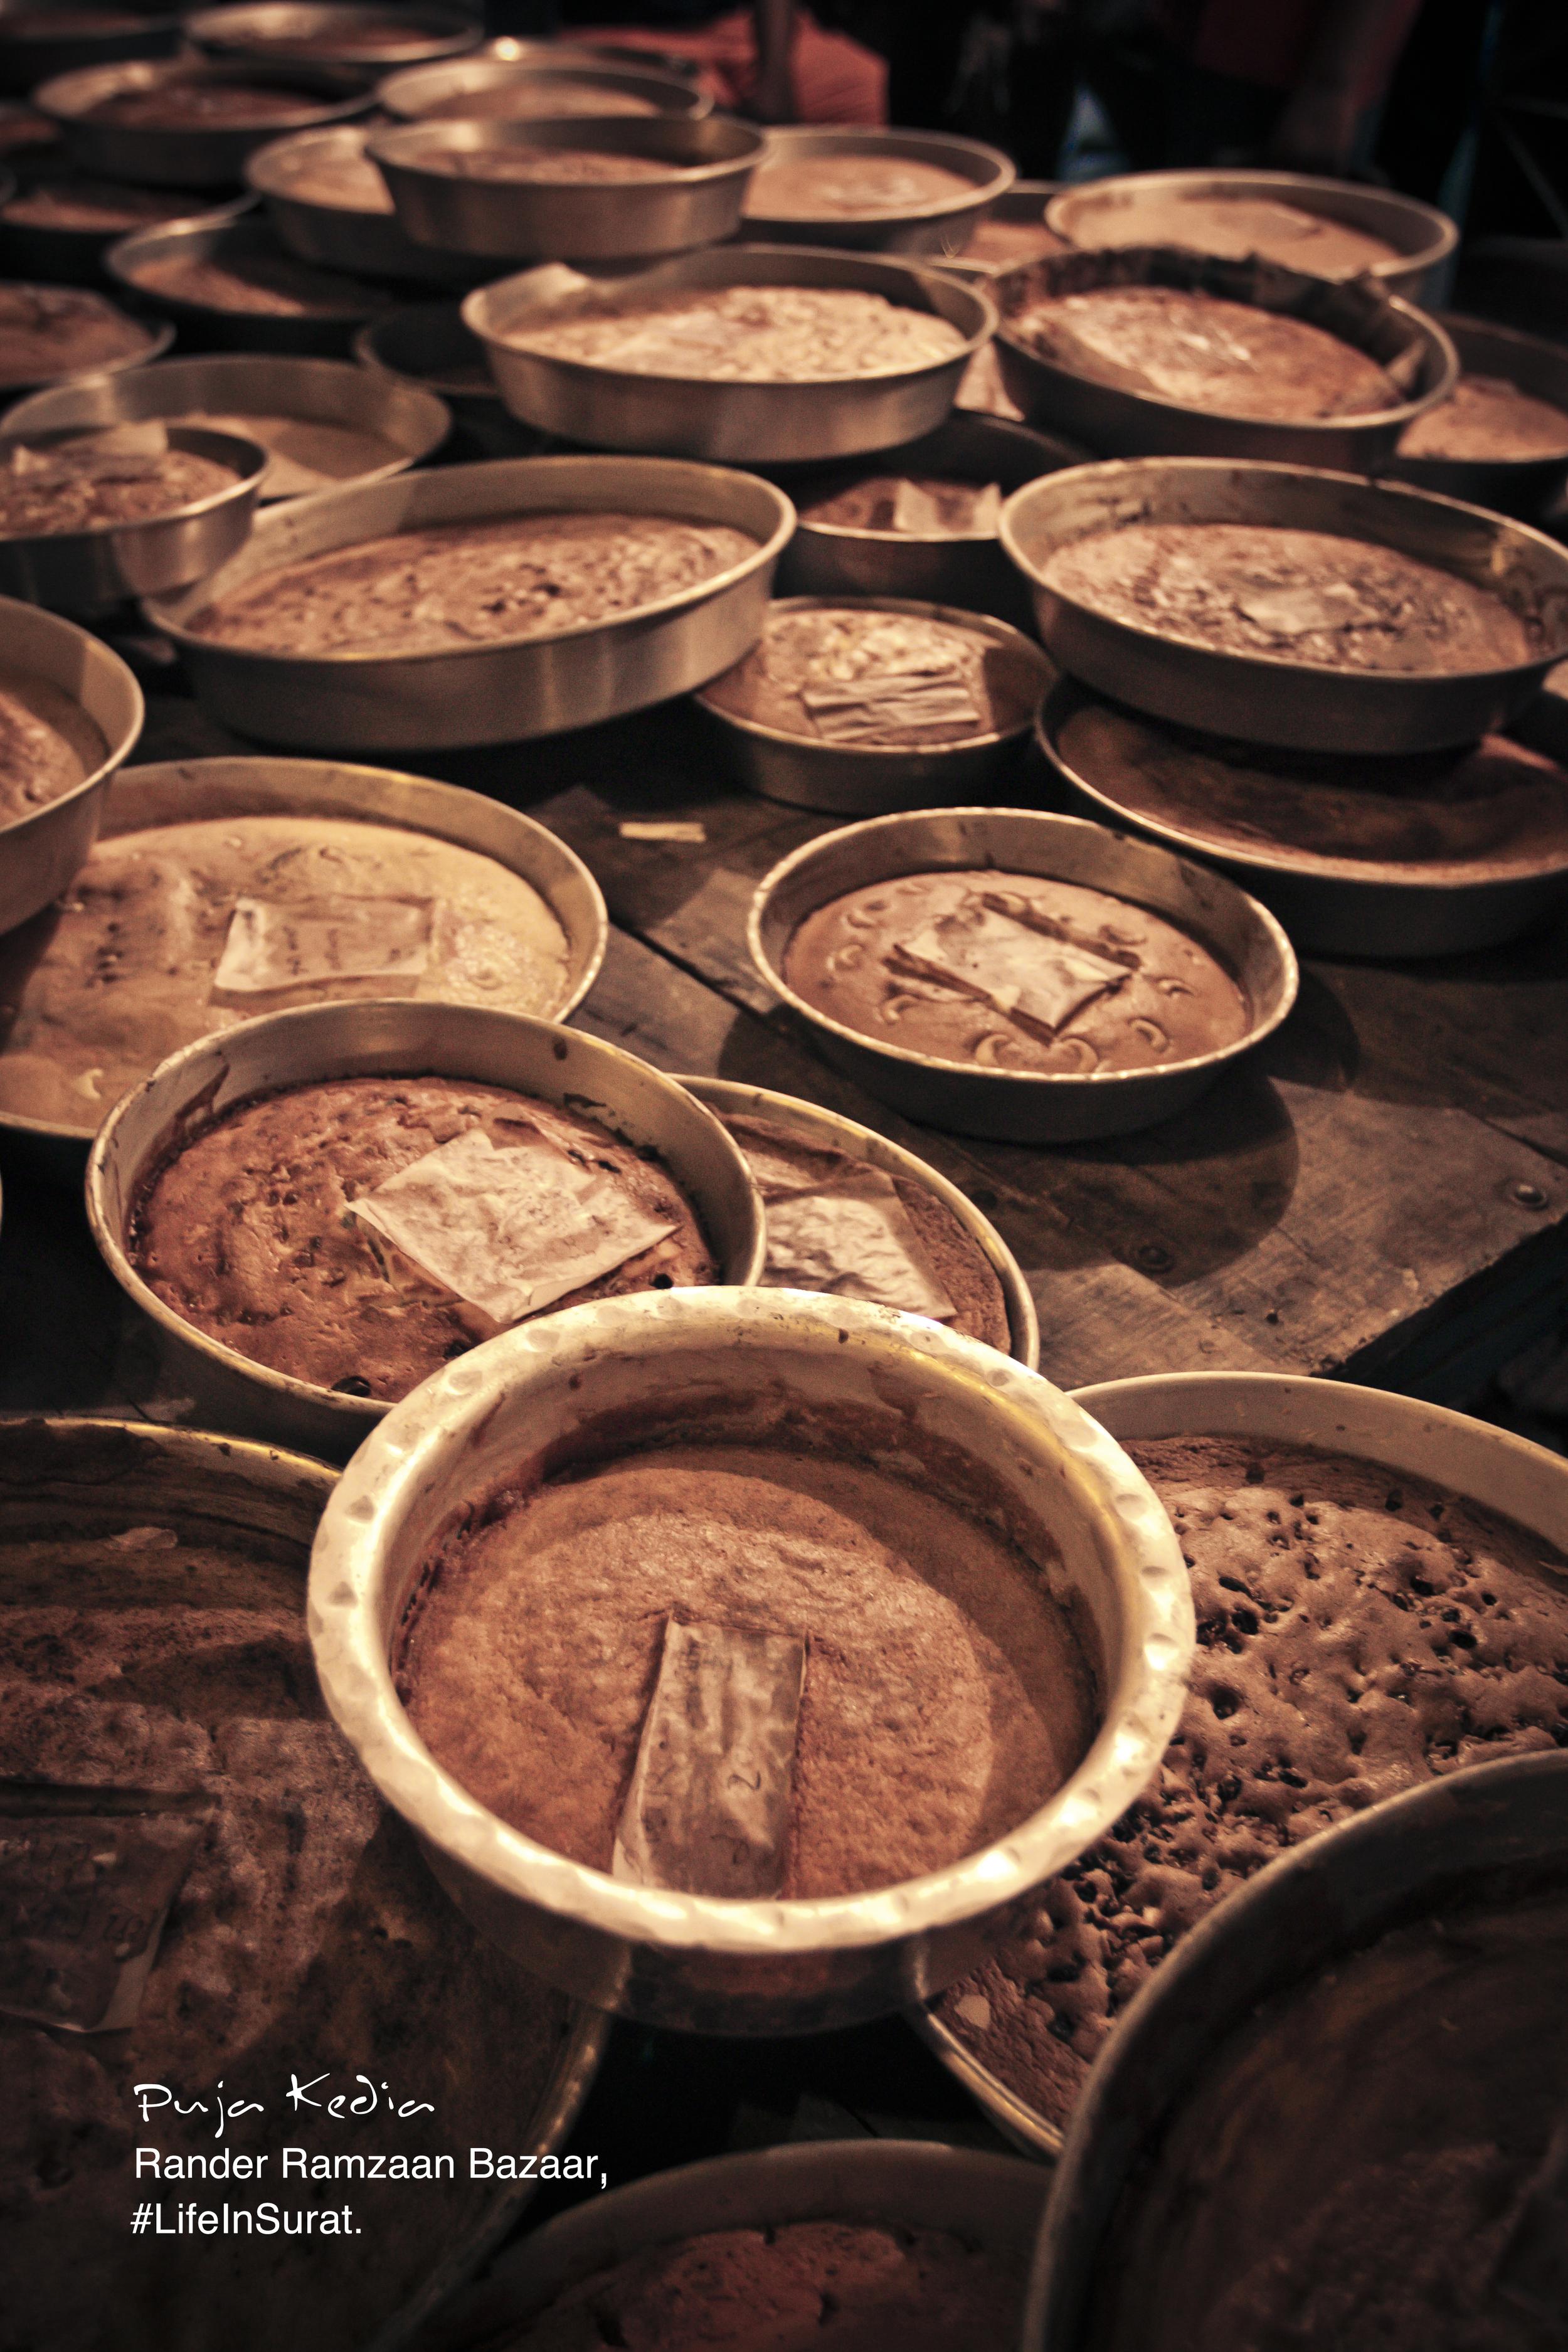 Junta Bakery Rander